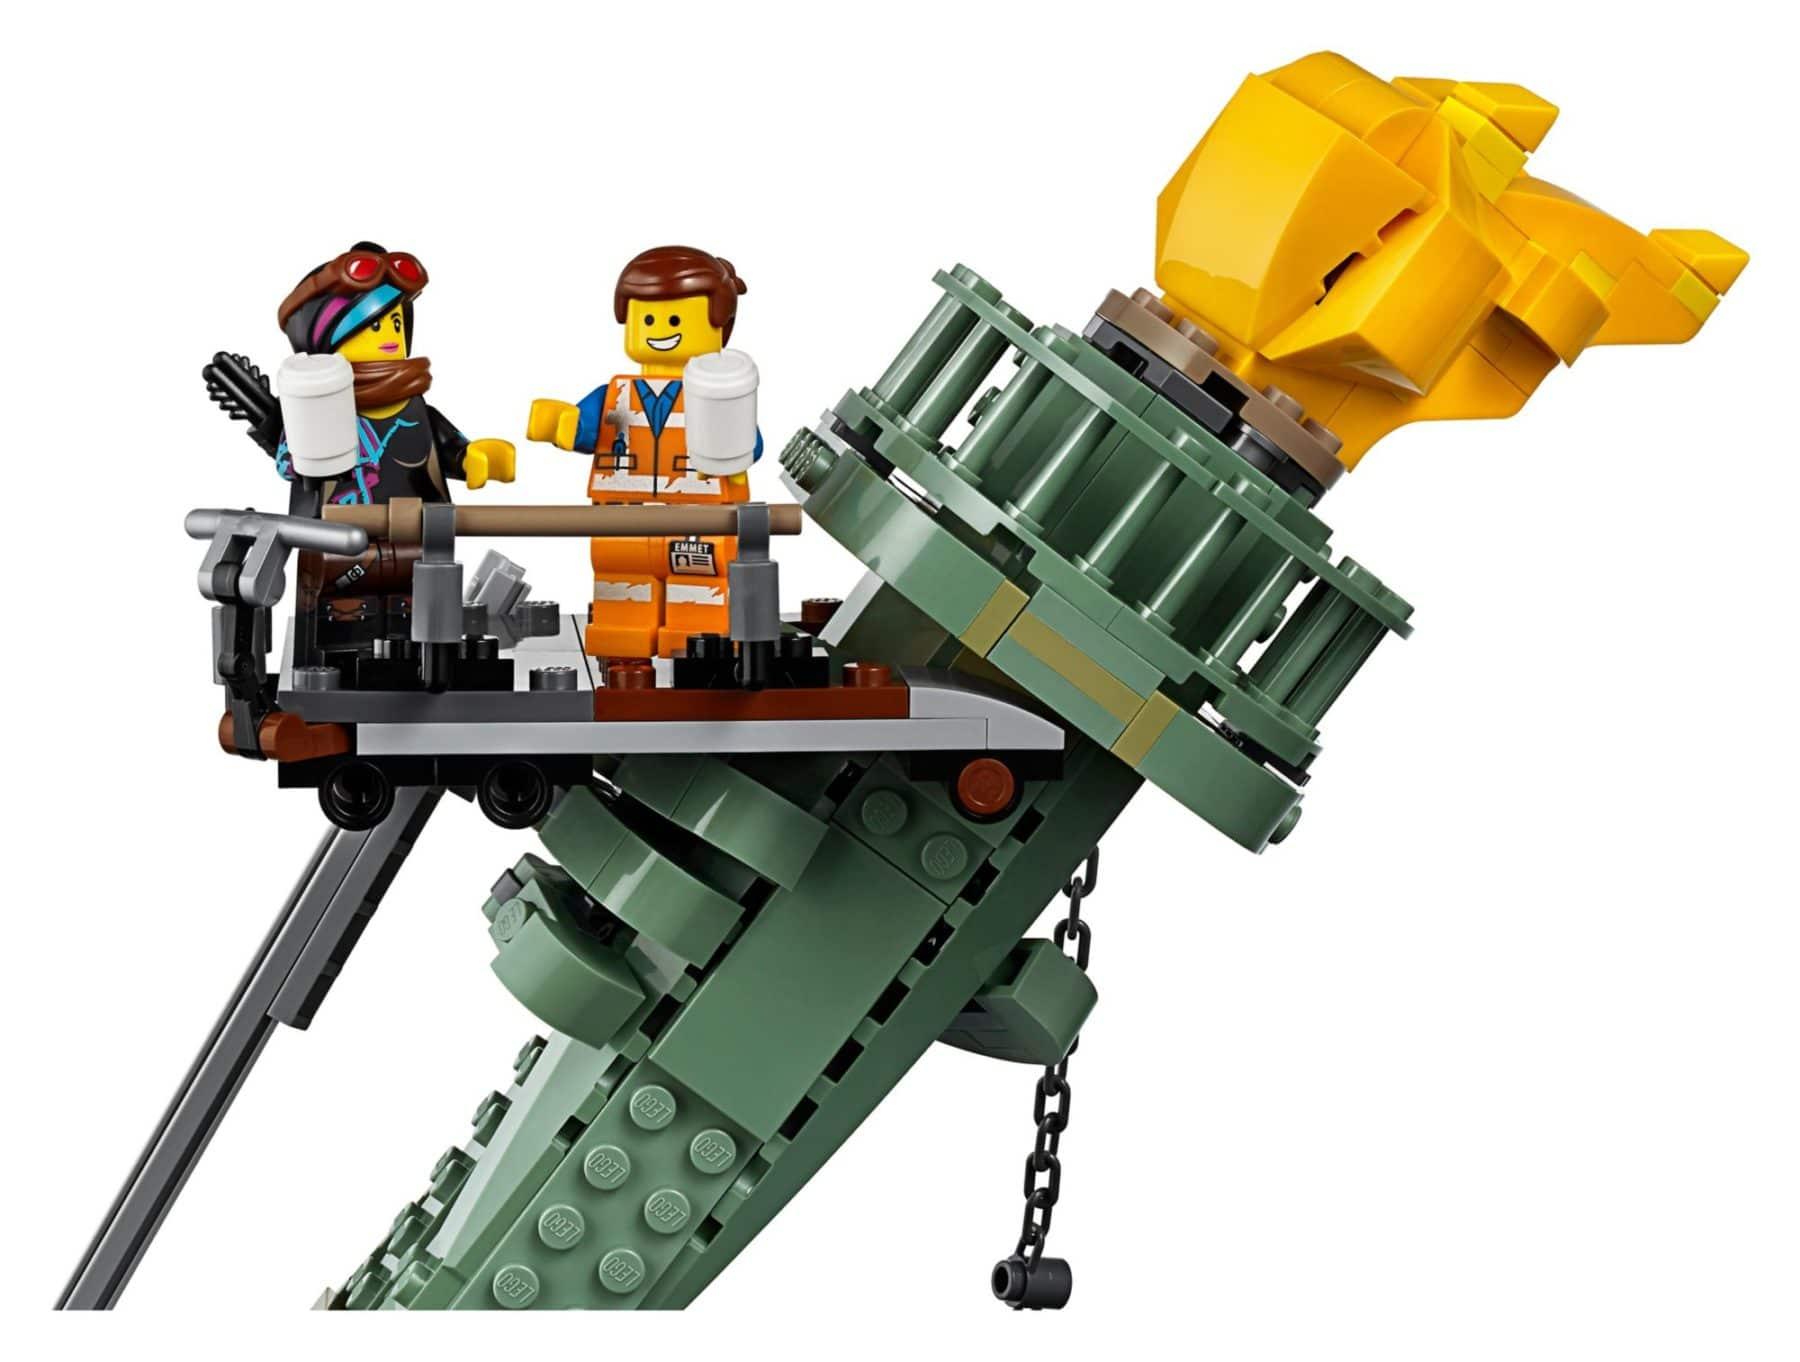 LEGO 70840 Apocalypseburg: Emmet und Lucy